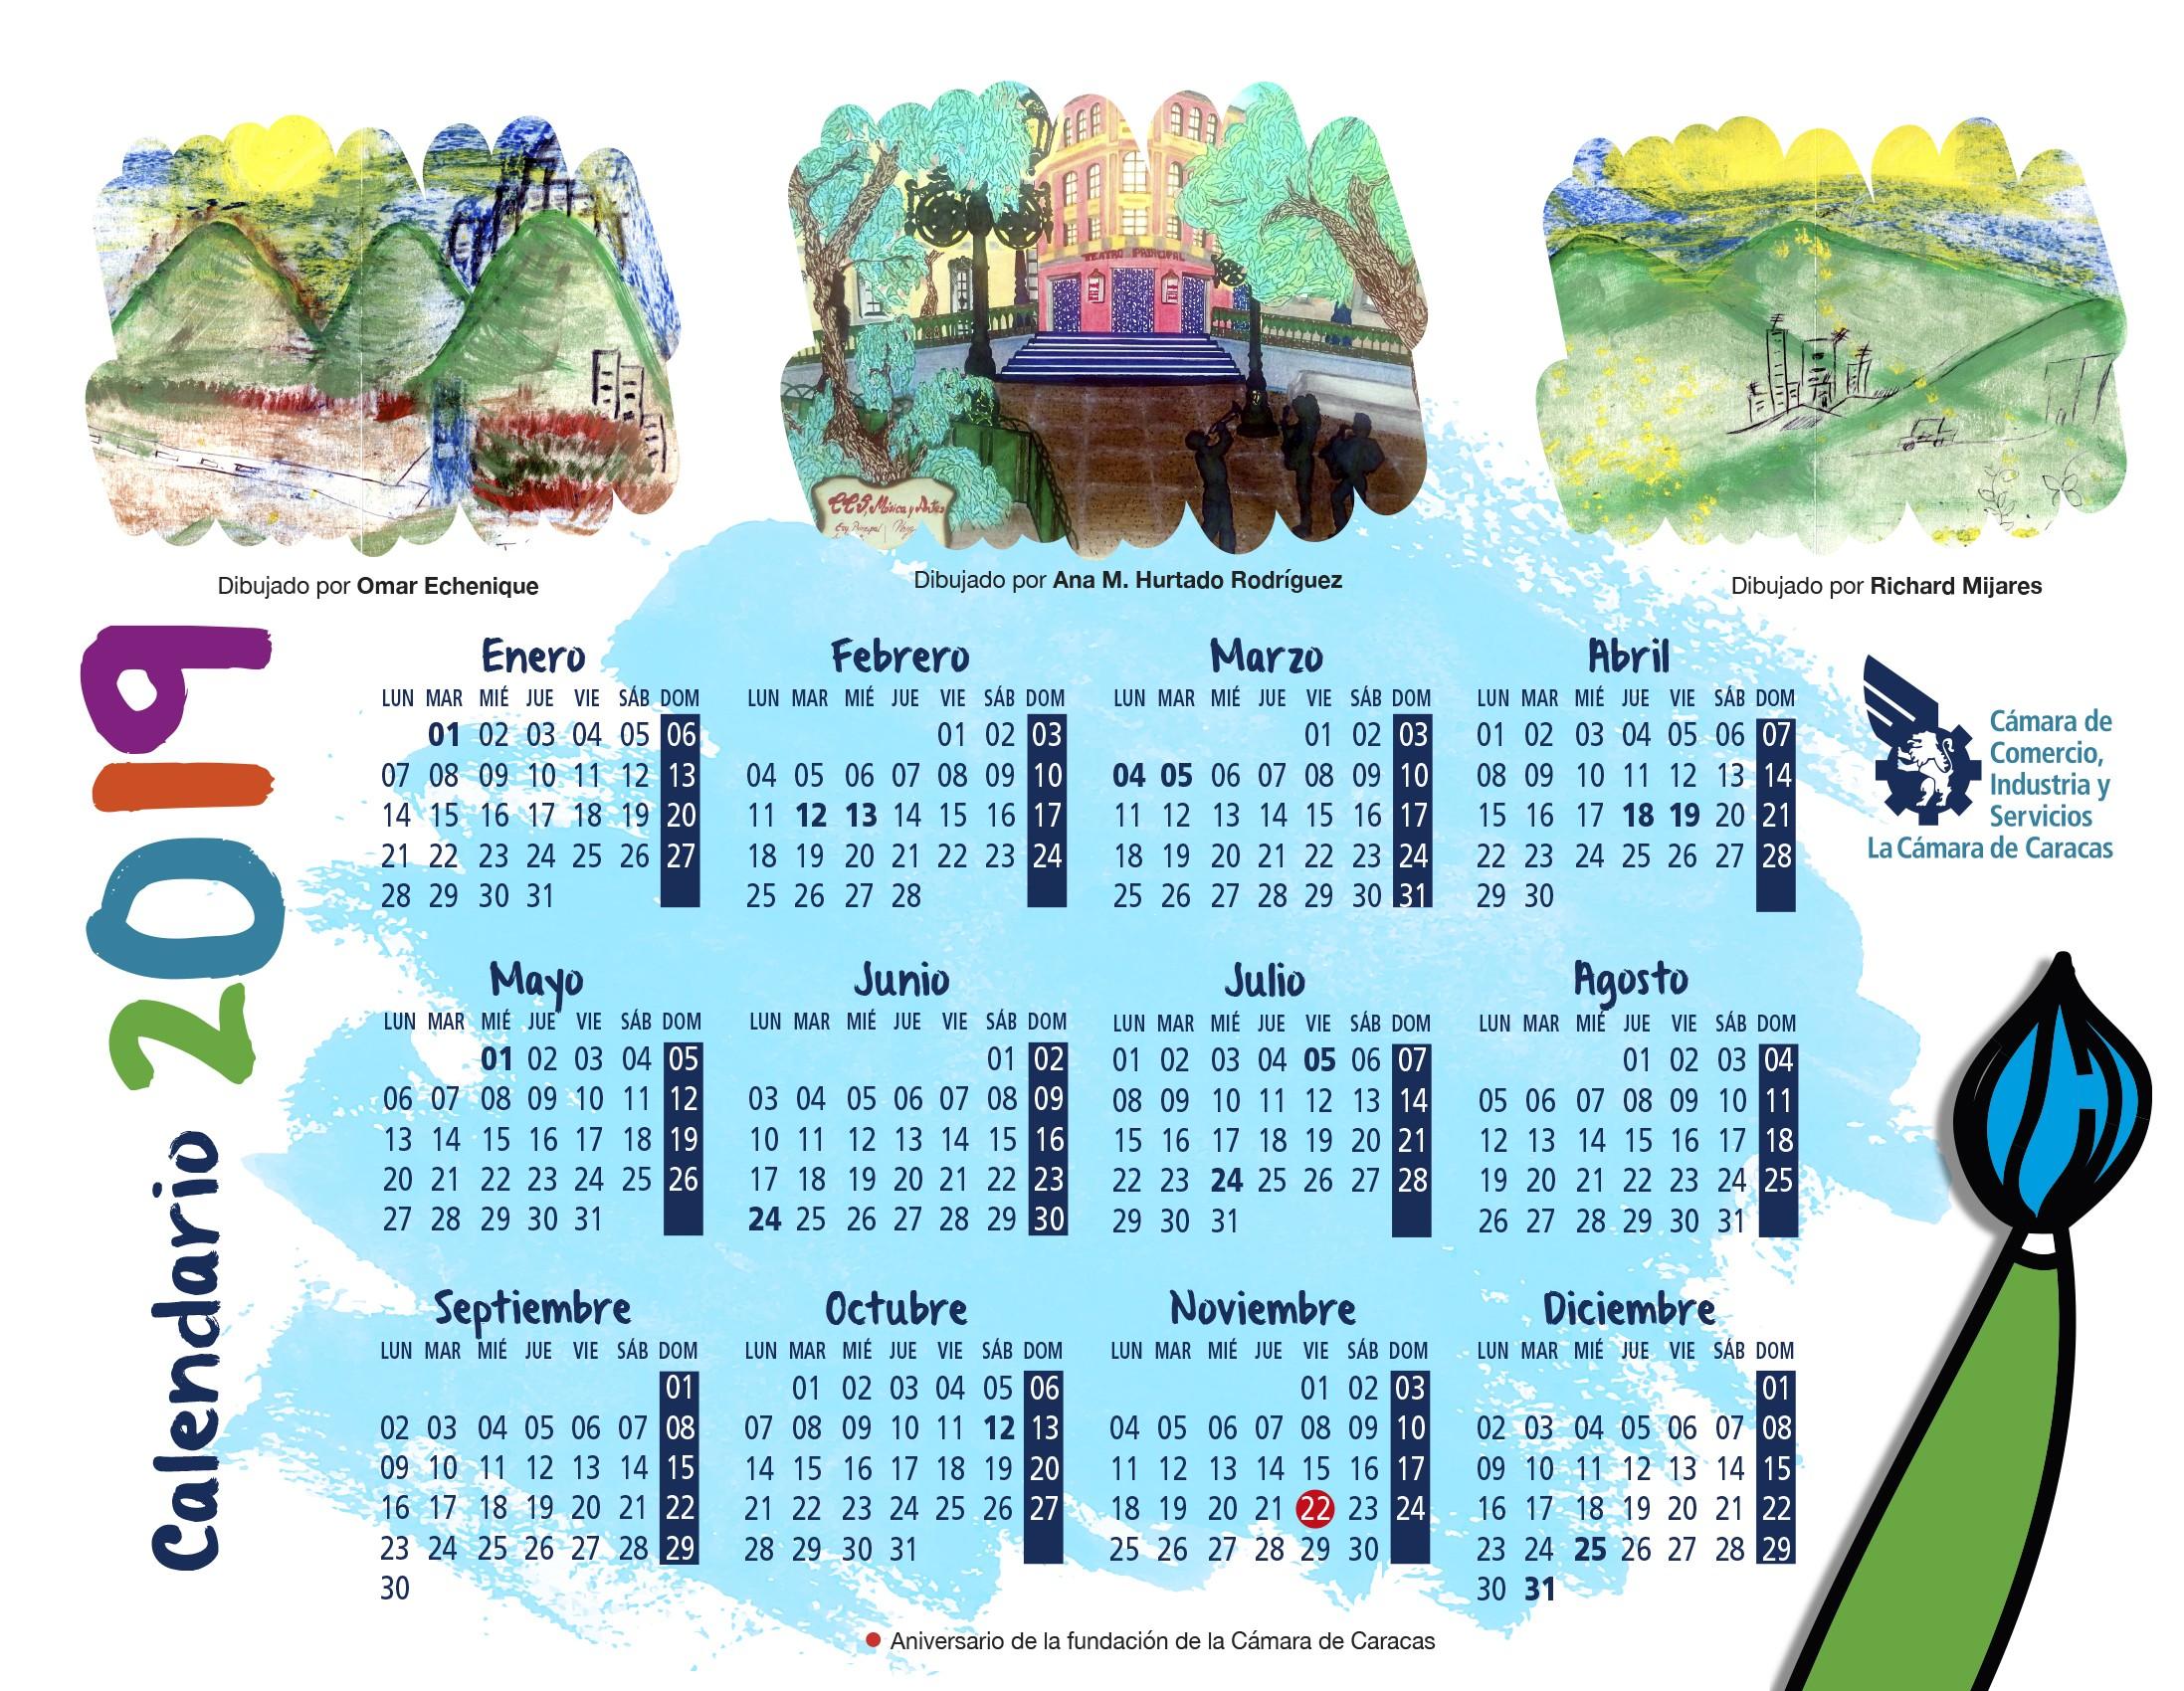 Calendario 2019 Y 2019 Para Imprimir Más Recientemente Liberado Descarga Nuestro Calendario 2018 Cámara De Caracas Of Calendario 2019 Y 2019 Para Imprimir Más Recientes Preschool Calendar Template Printables Create A Calendar May